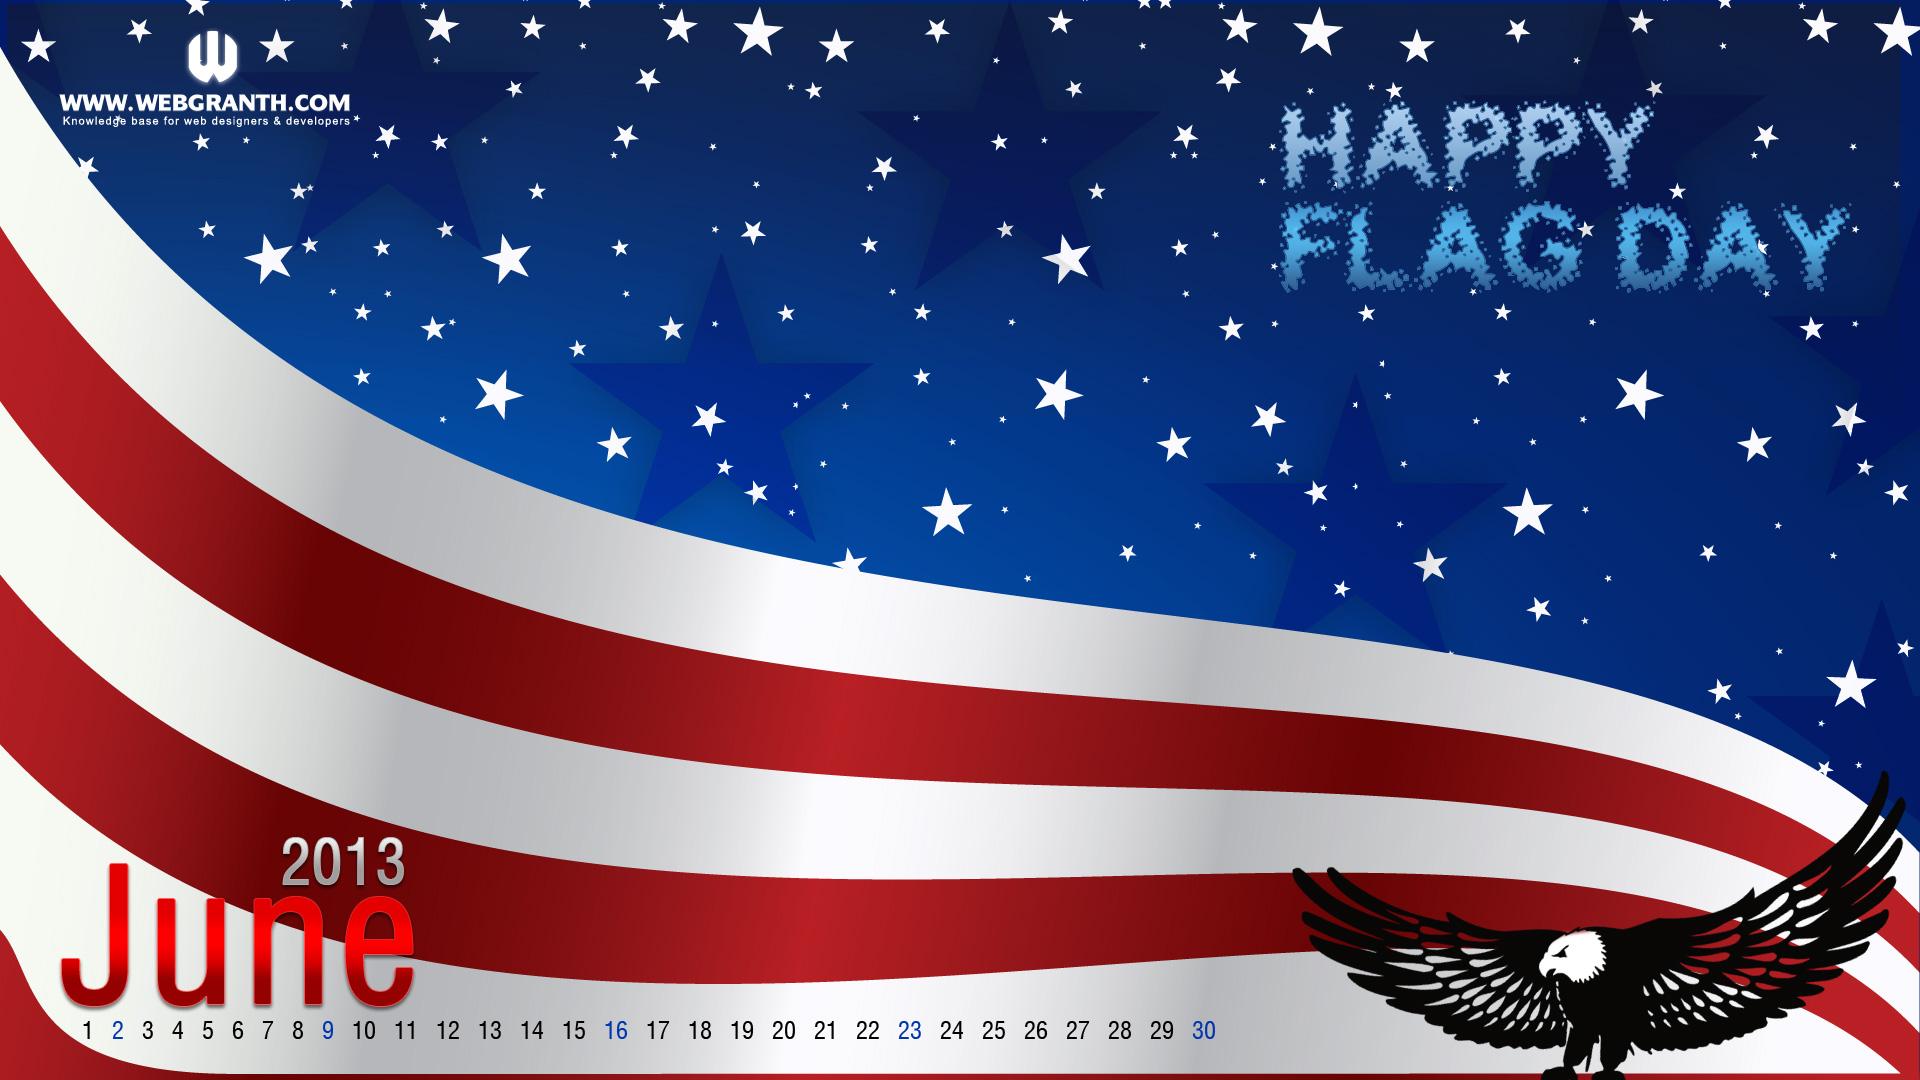 wallpaper calendar 2013 download desktop wallpaper calendar 2013 free 1920x1080